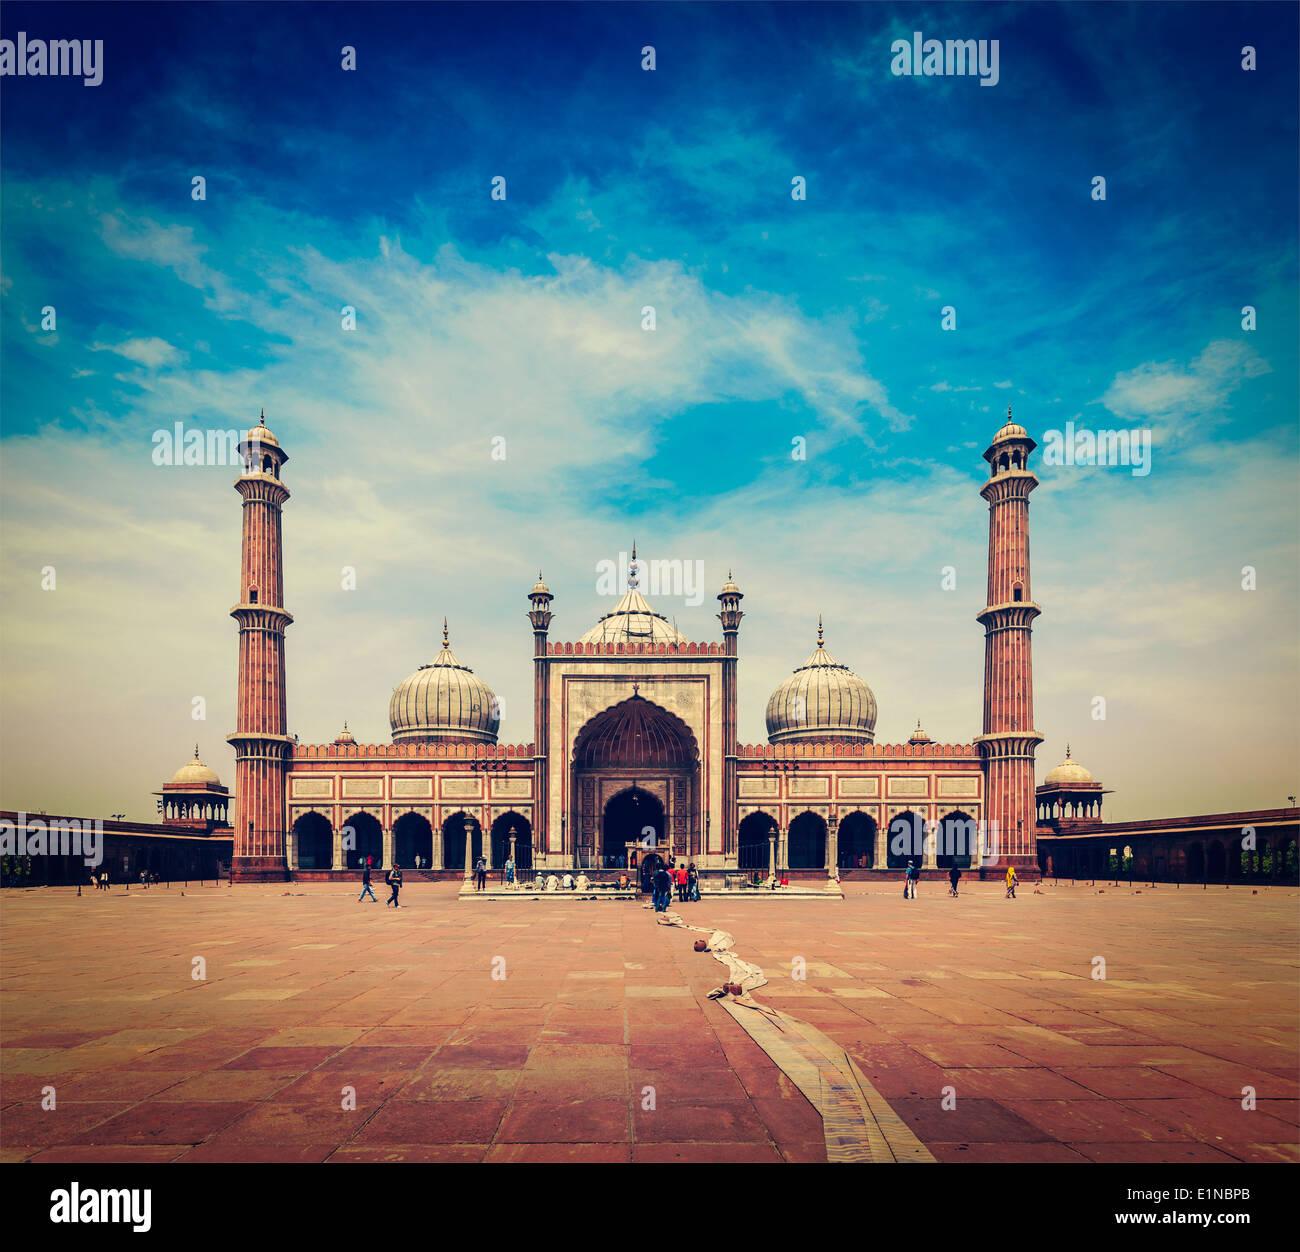 Vintage retrò hipster stile immagine di viaggio della Jama Masjid - la più grande moschea musulmana in India. Delhi, India Immagini Stock